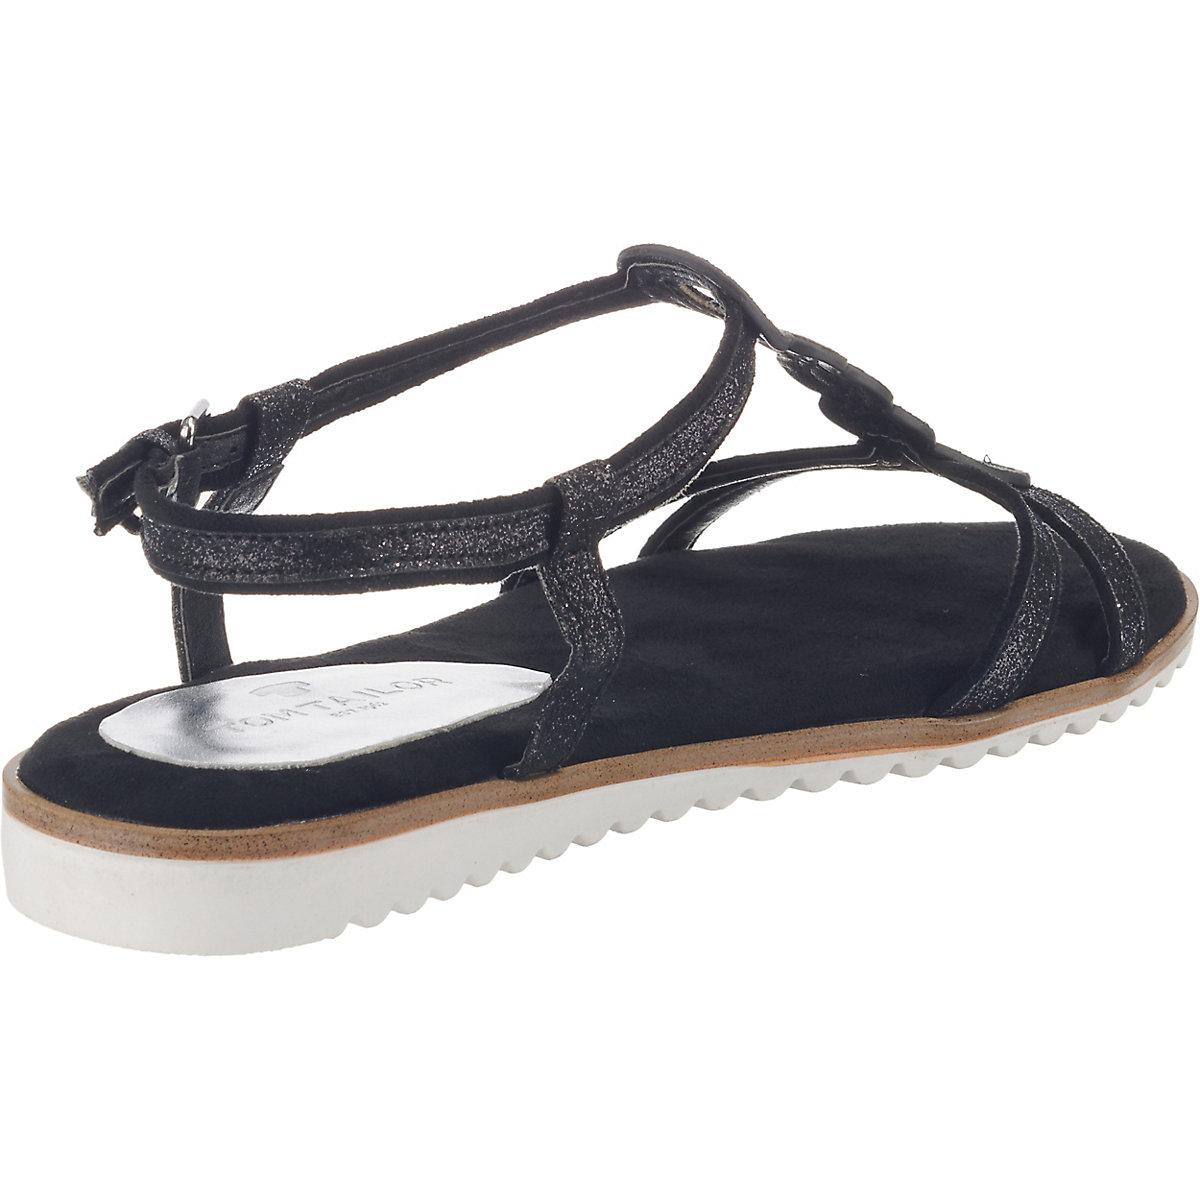 TOM TAILOR T-Steg-Sandalen schwarz